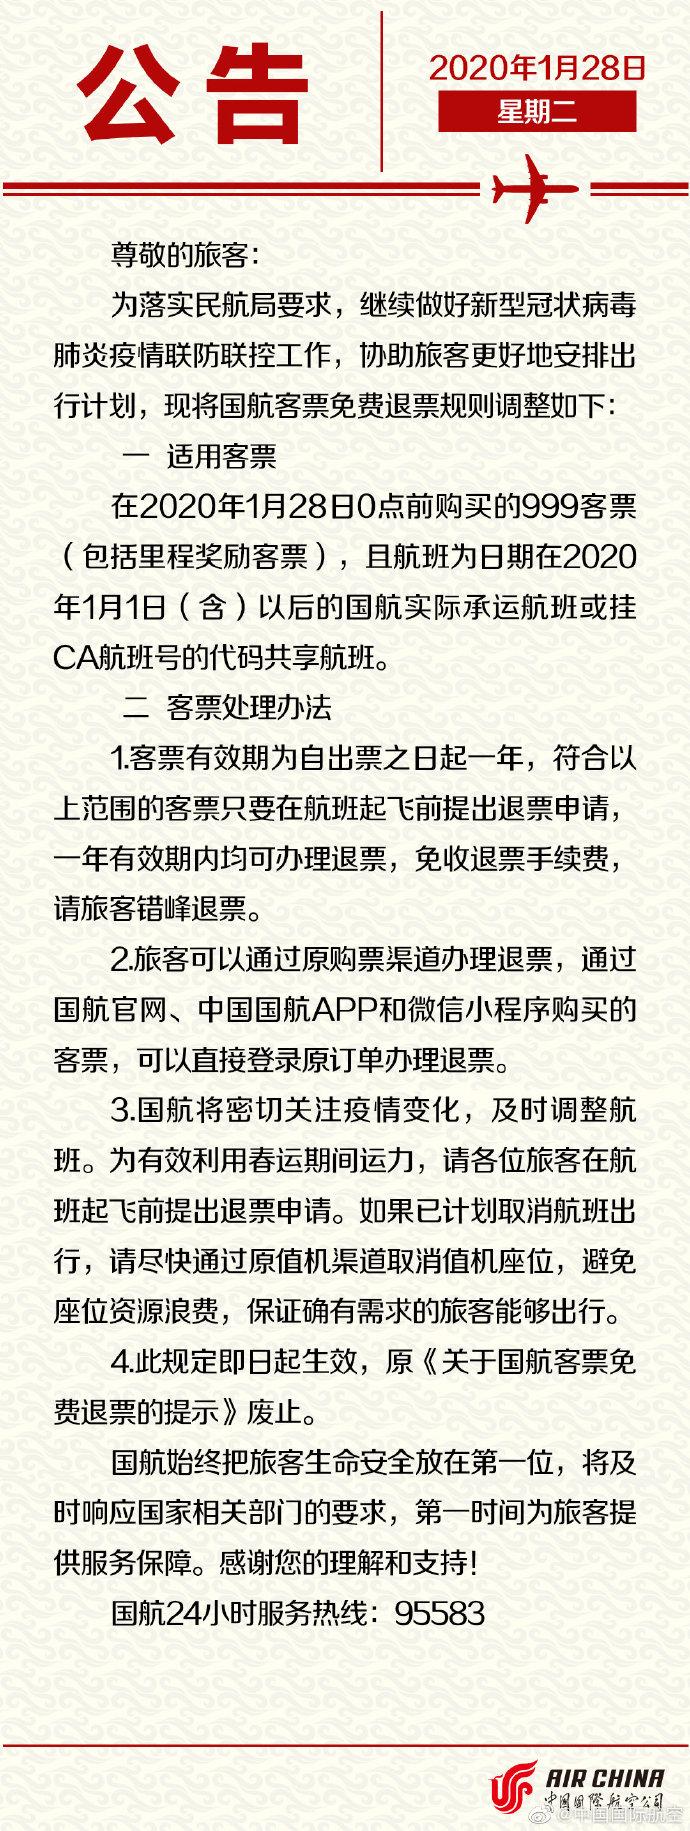 air-china-travel-waiver-2020